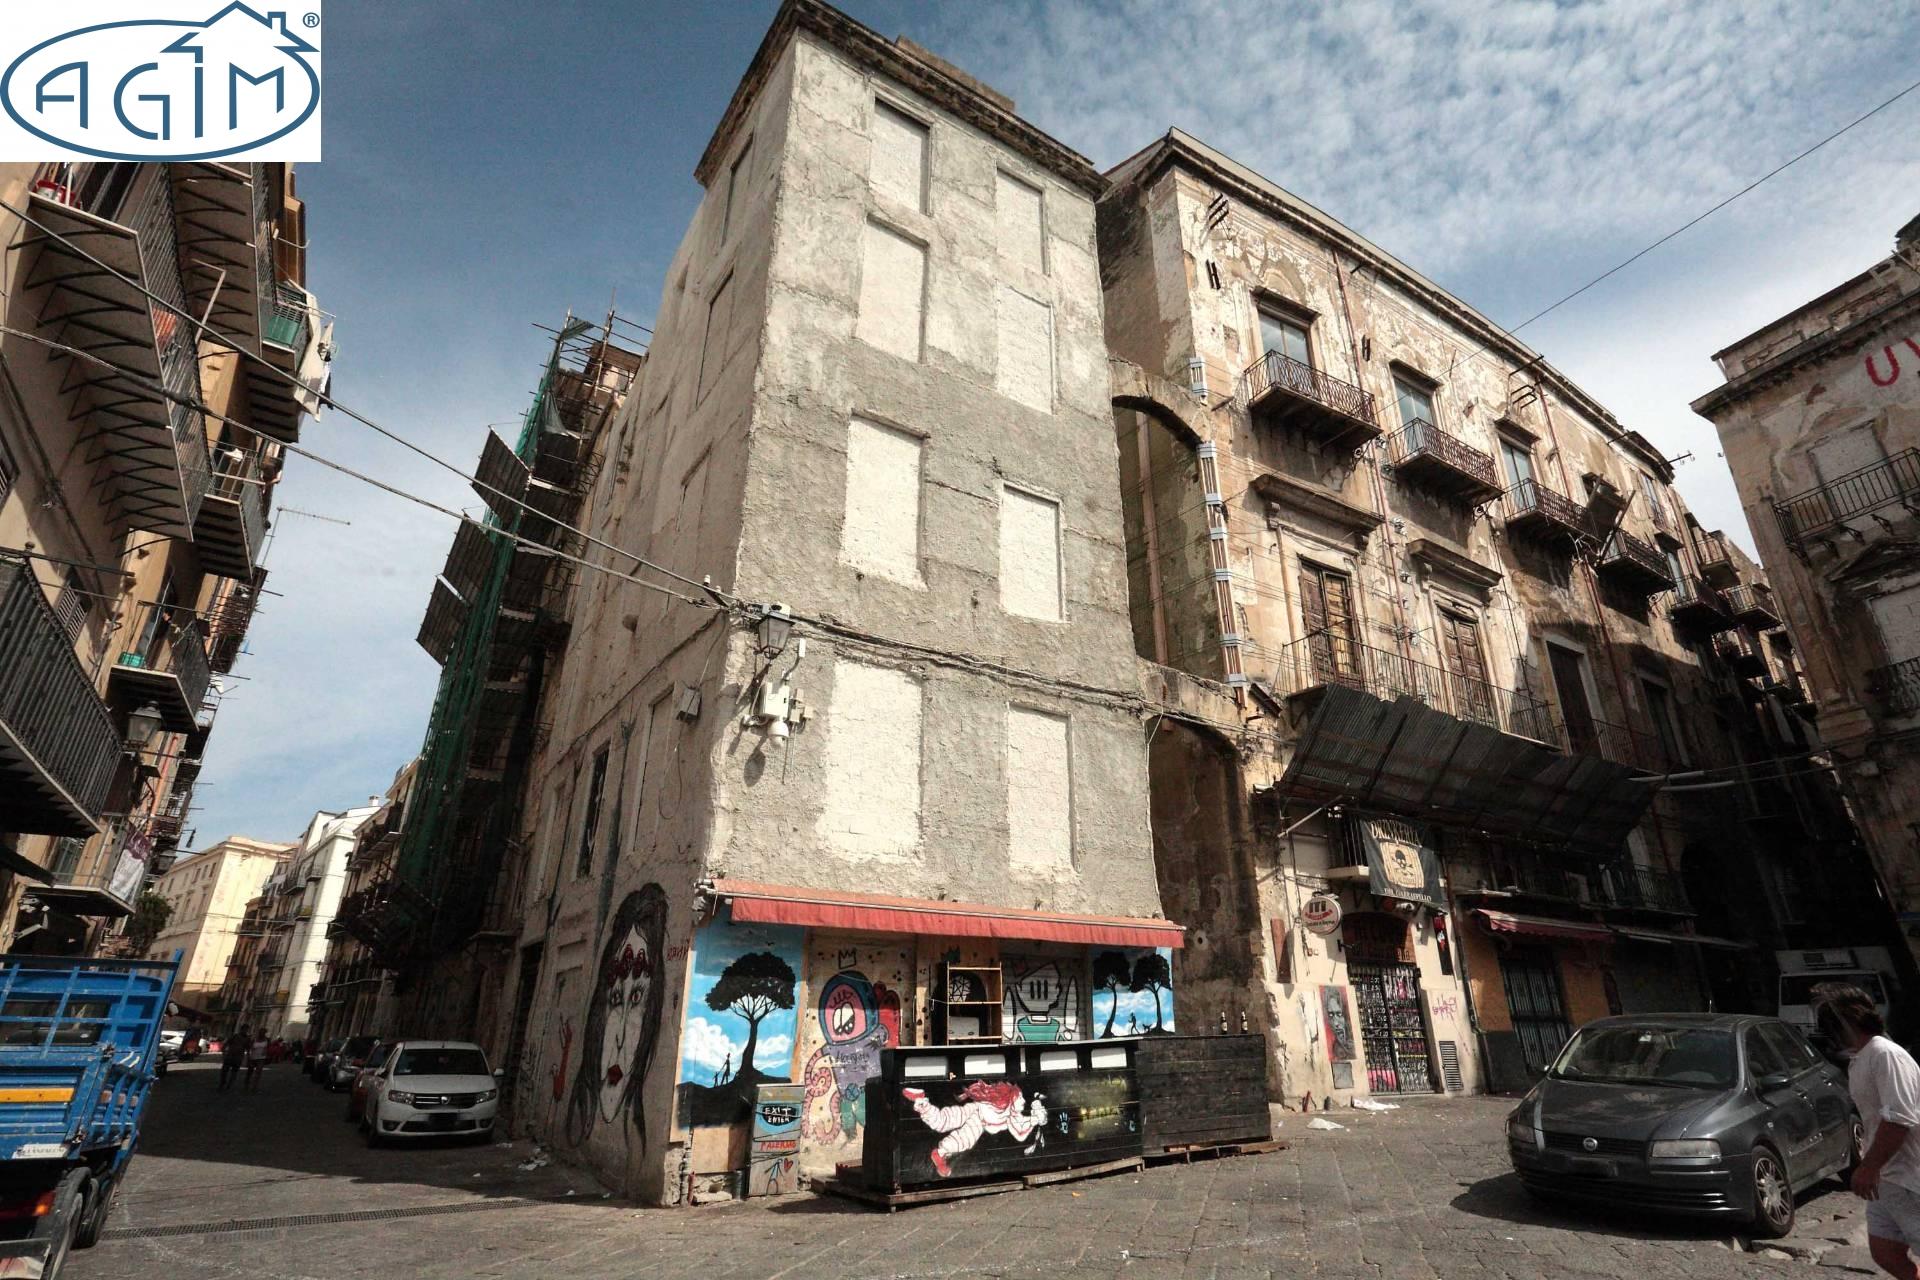 Palazzo / Stabile in vendita a Palermo, 20 locali, zona Località: CentroStorico, prezzo € 200.000 | CambioCasa.it